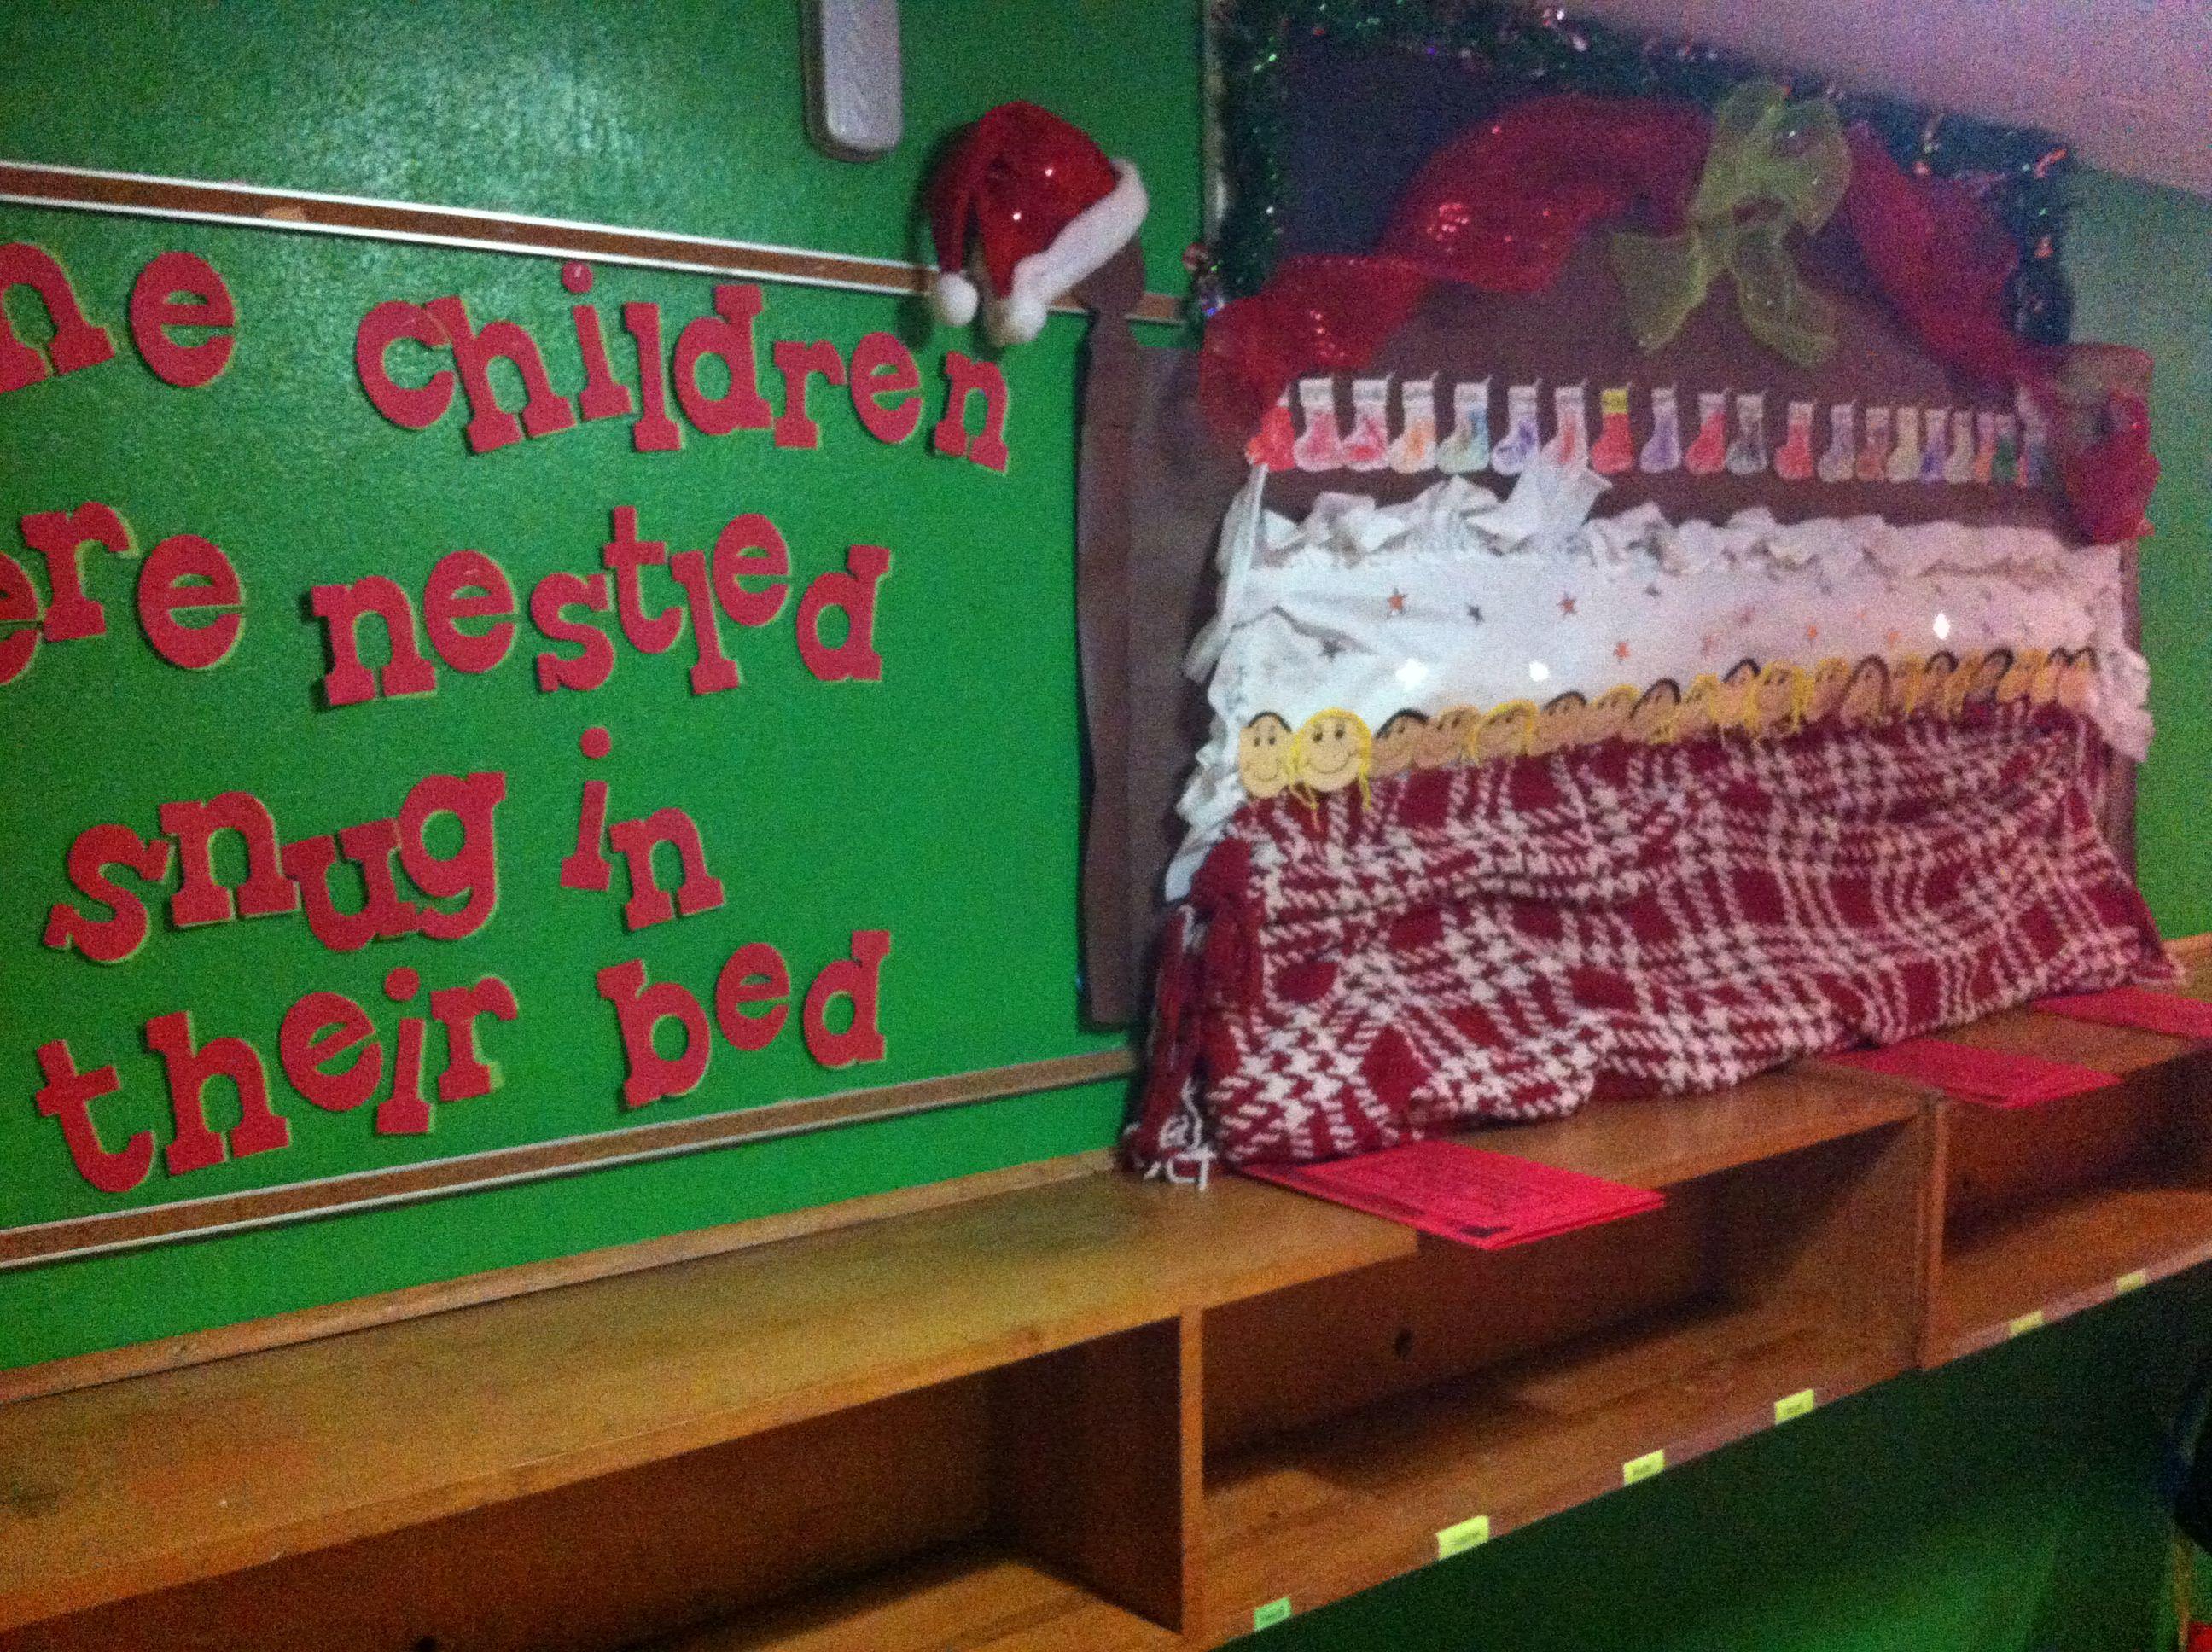 December E Children Were Nestled All Snug In Their Bed